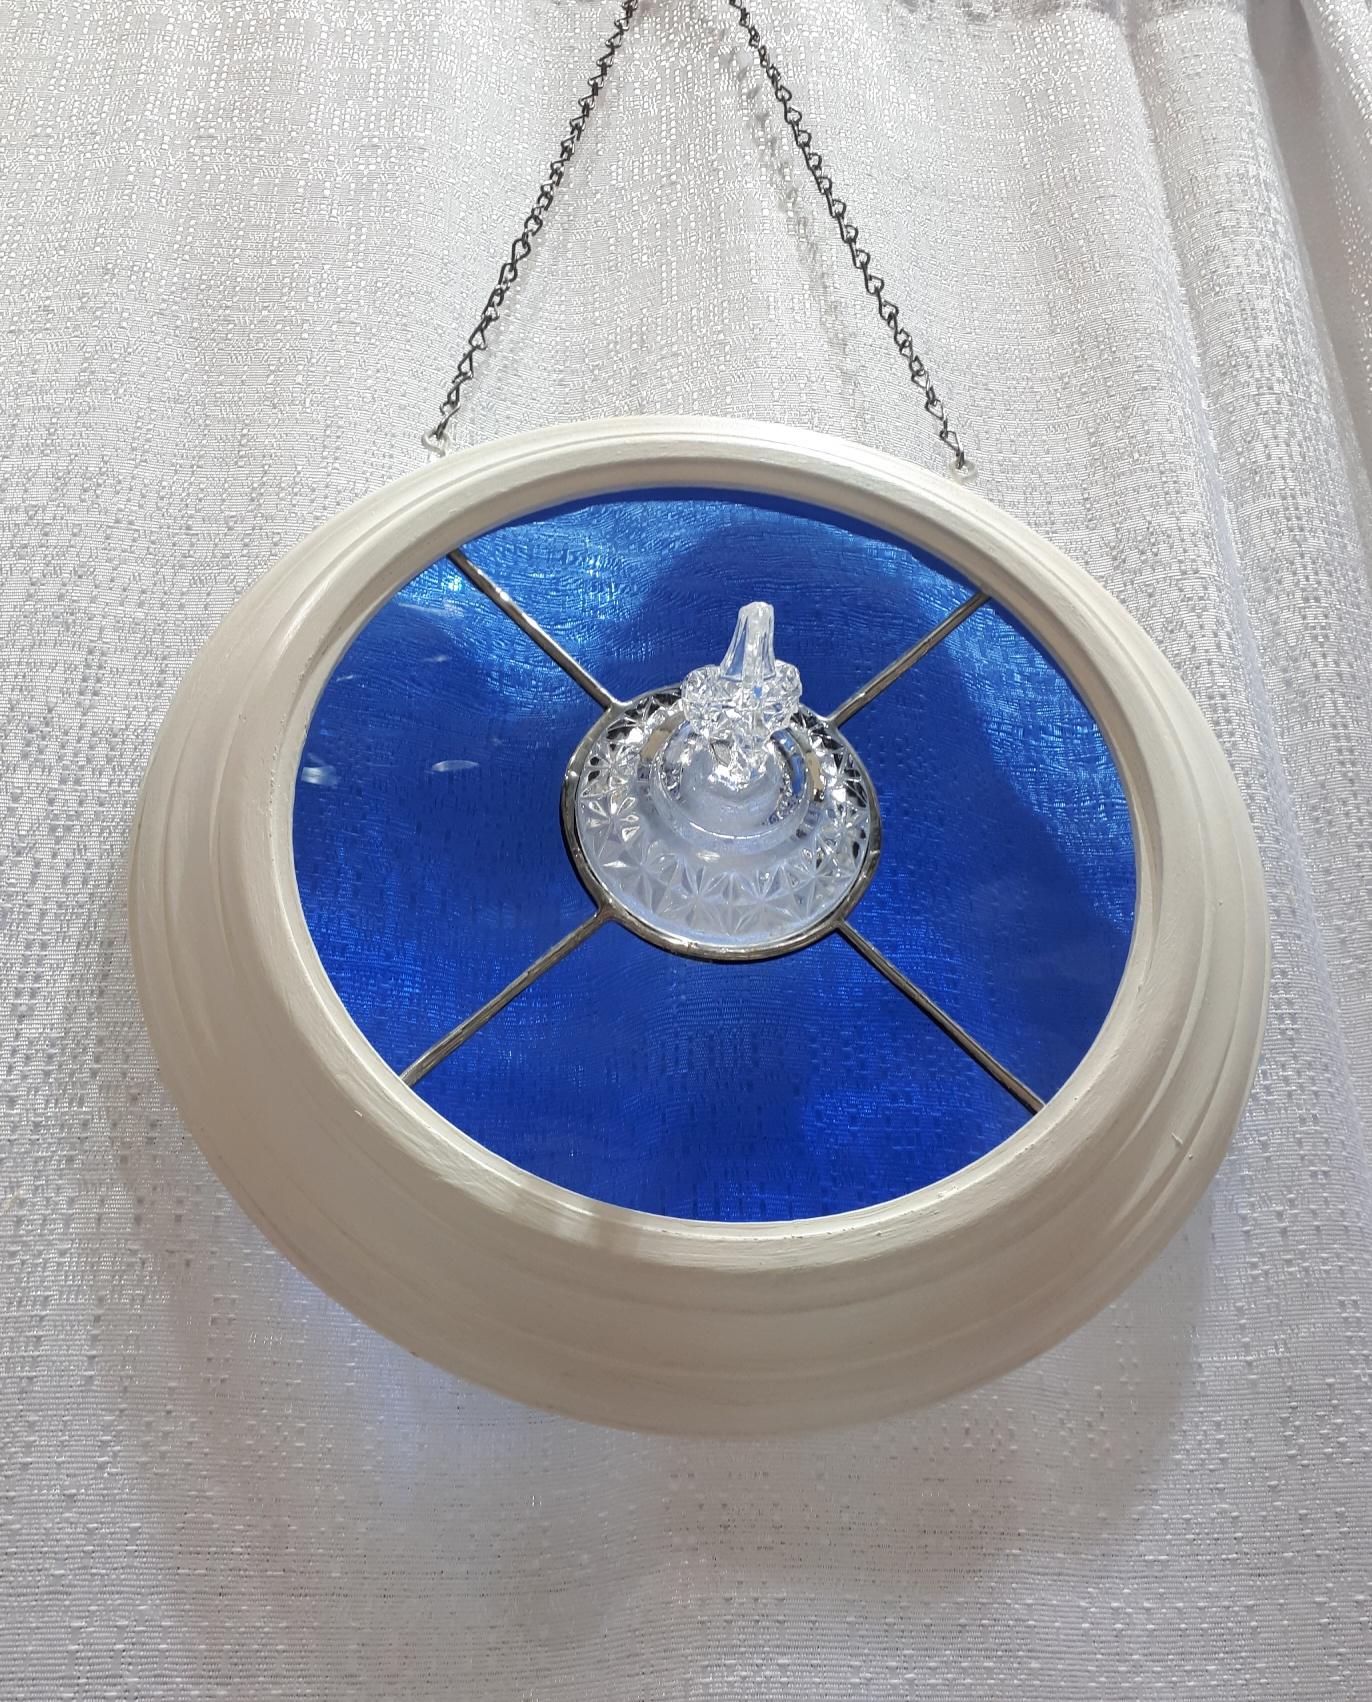 blue sugar bowl lid